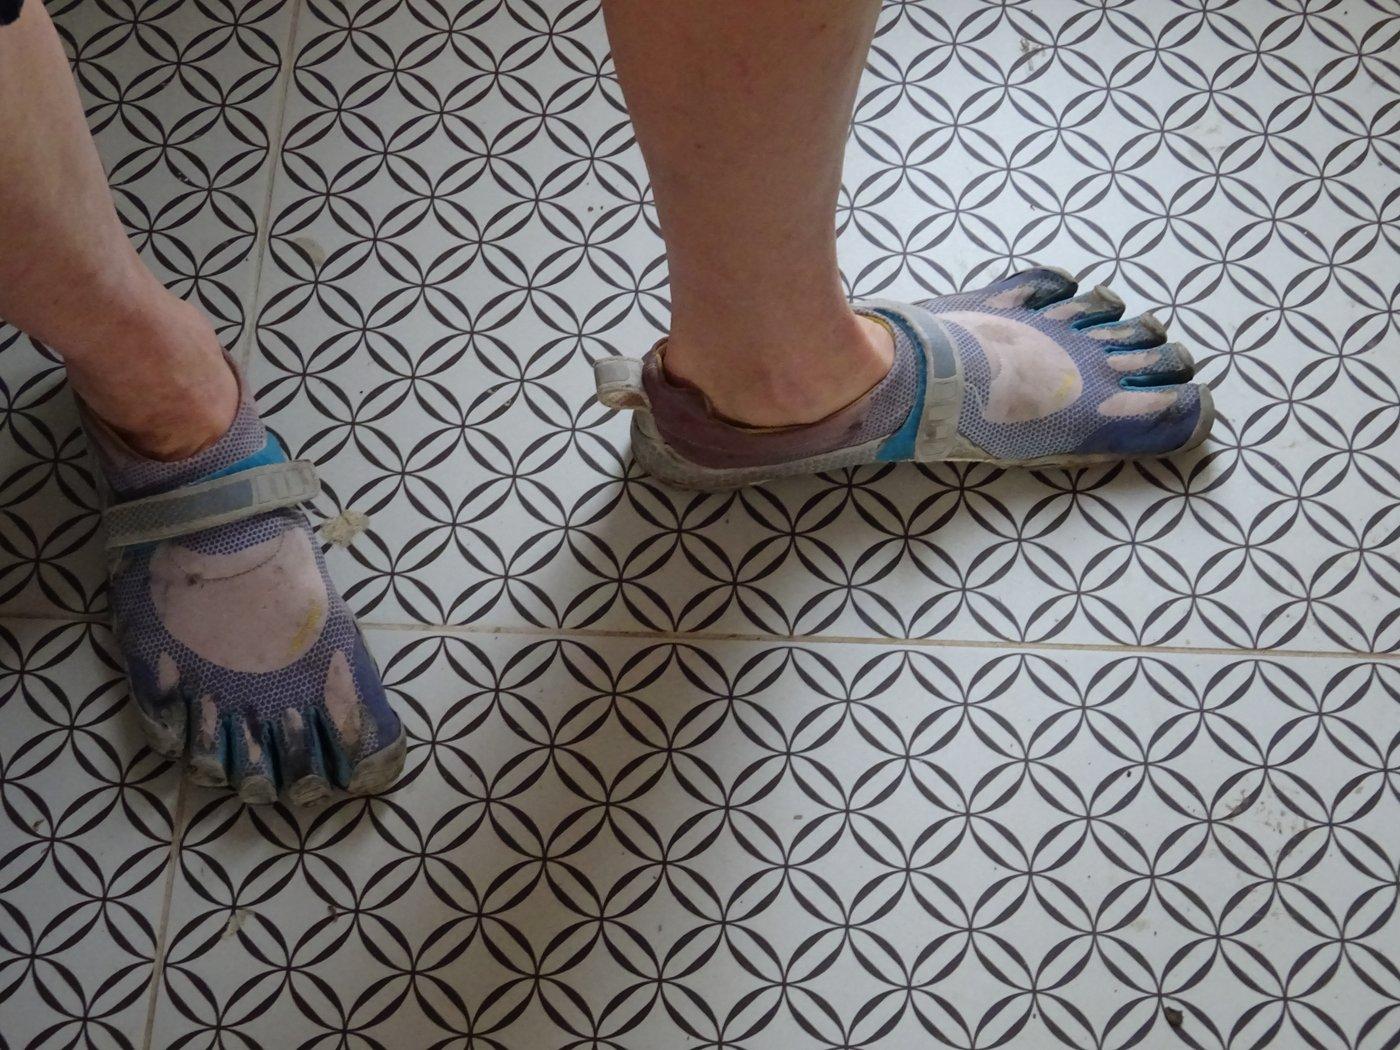 נעלי ריצה מינימליסטיות - Vibram Five Fingers